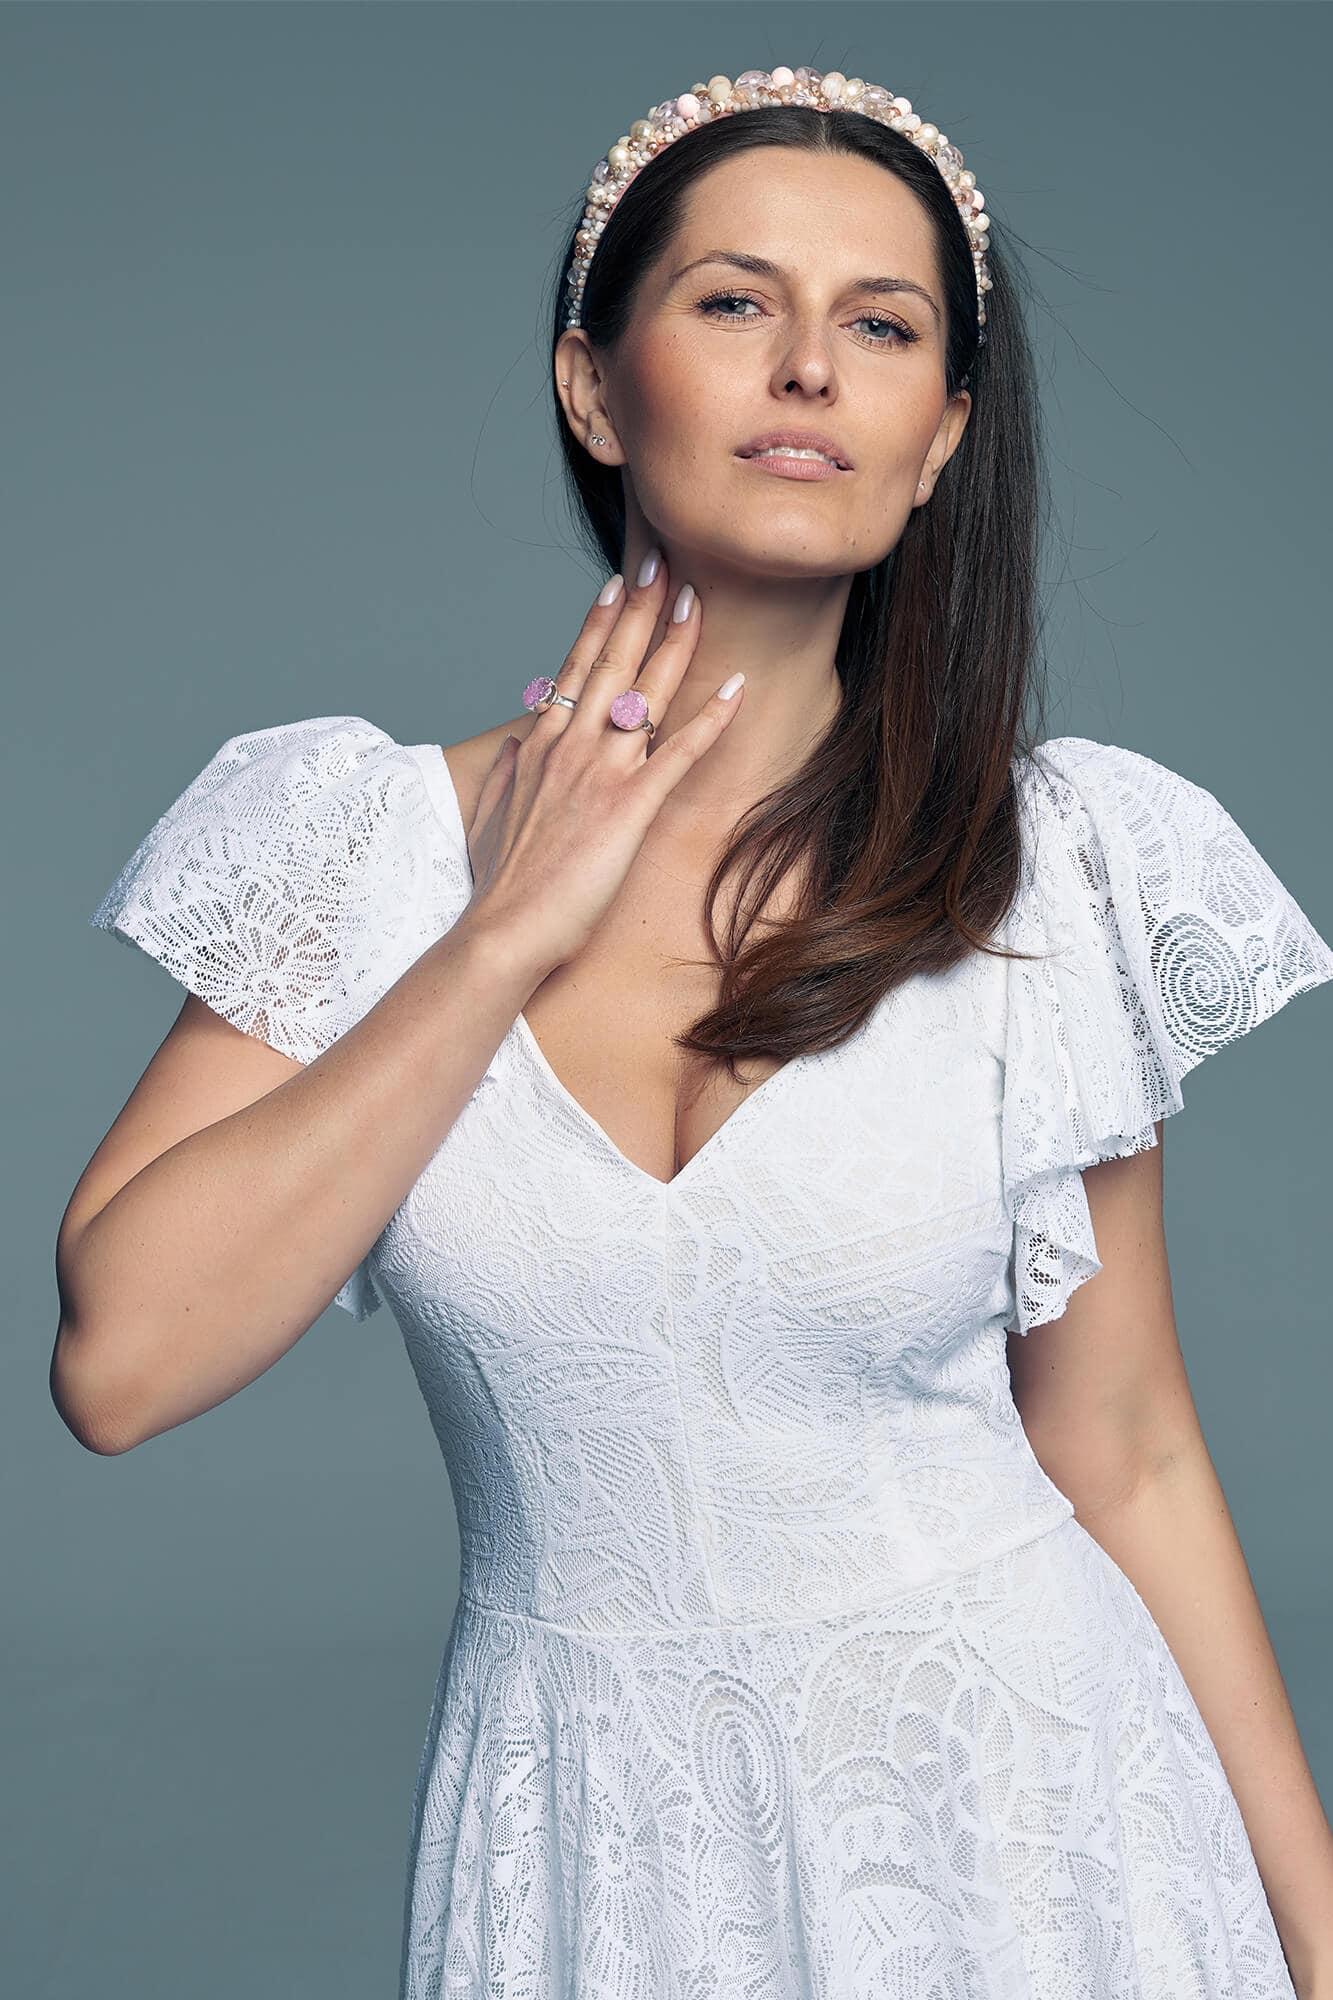 Zwolenniczka klasycznej sukni ślubnej, ale przeciwniczka nudy? Biała koronka i oryginalne rękawki to połączenie, w którym możesz się zakochać!